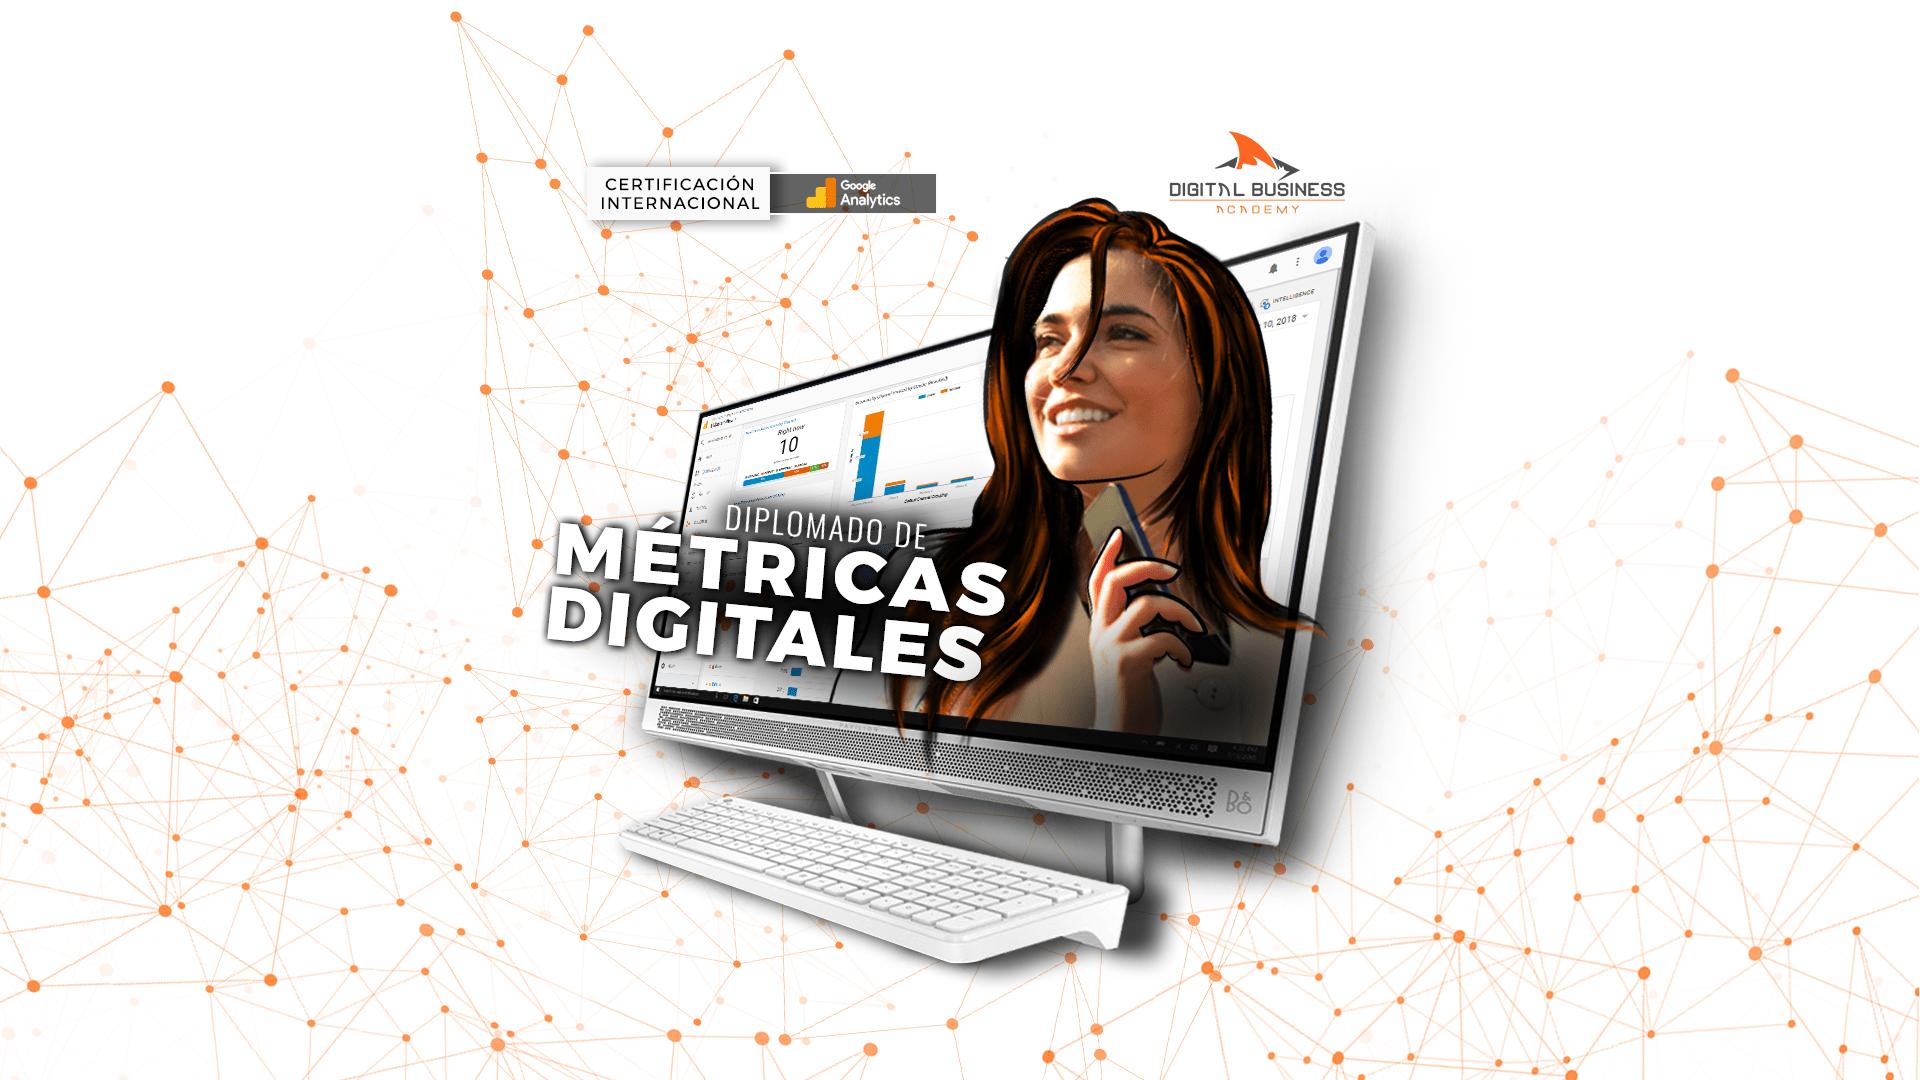 metricas-digitales